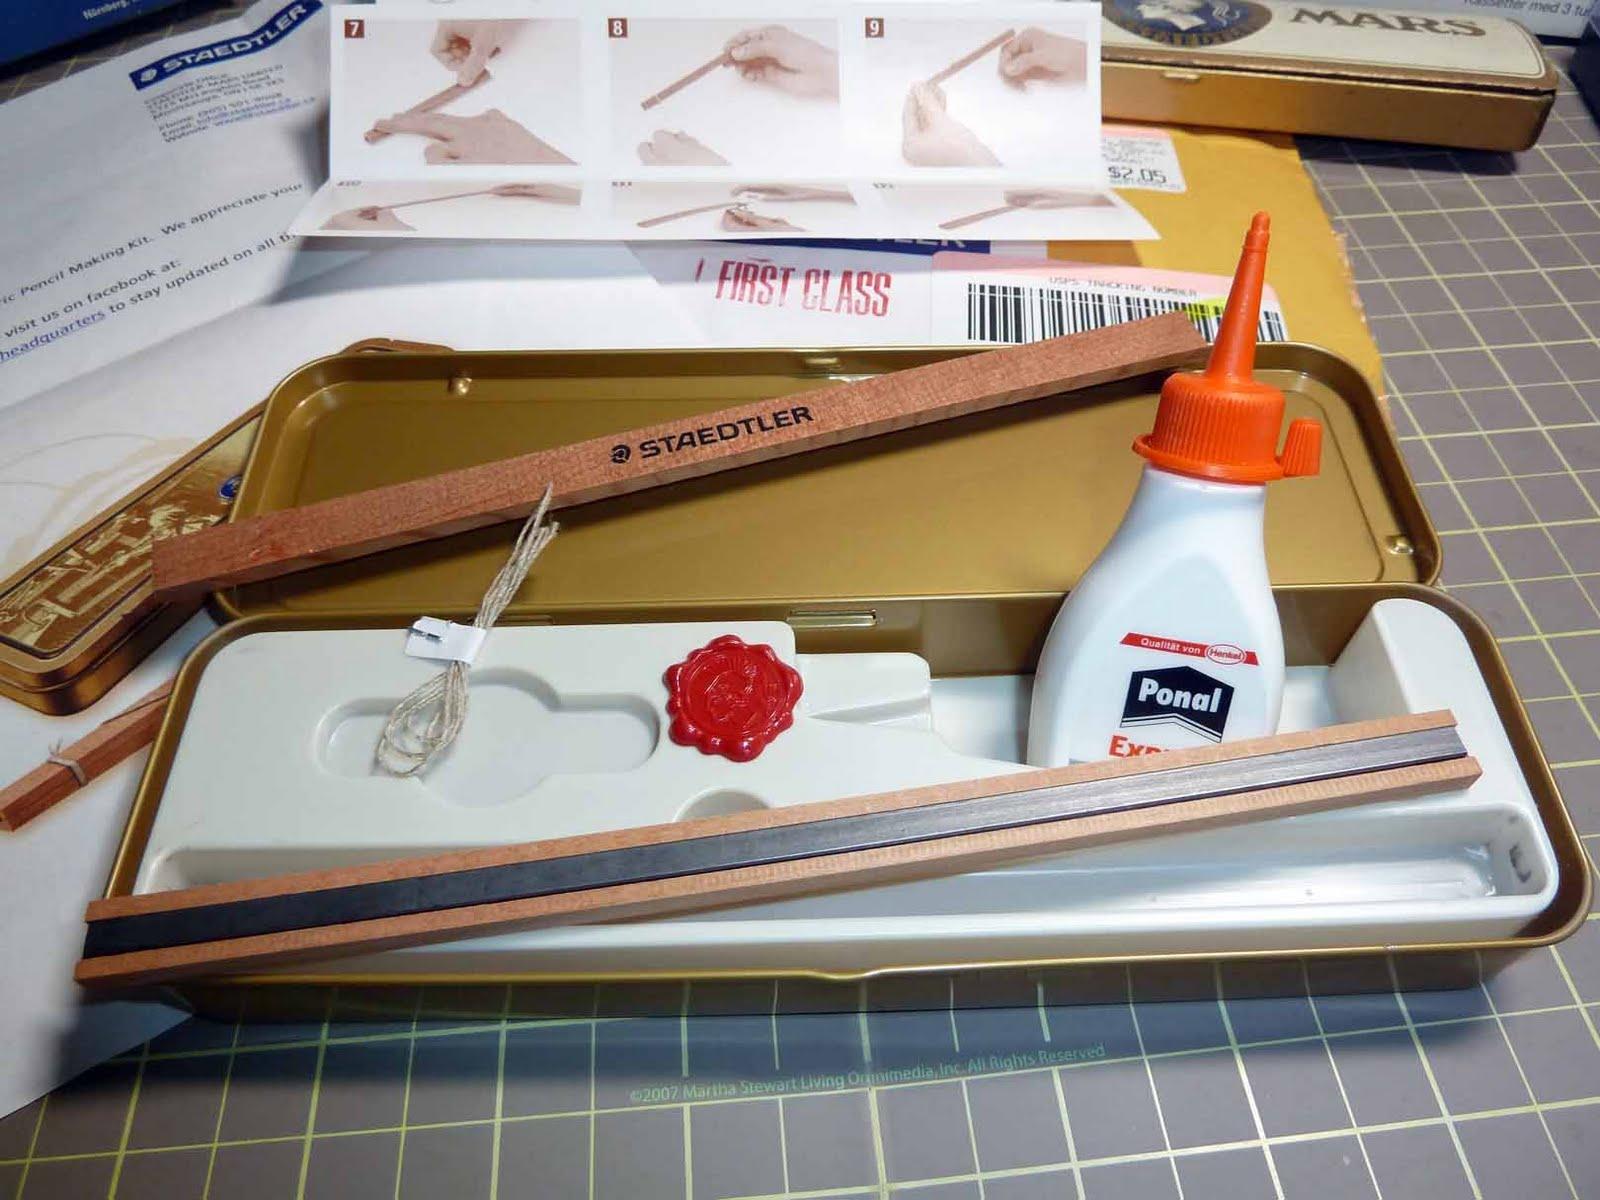 Best Carpenters Pencil